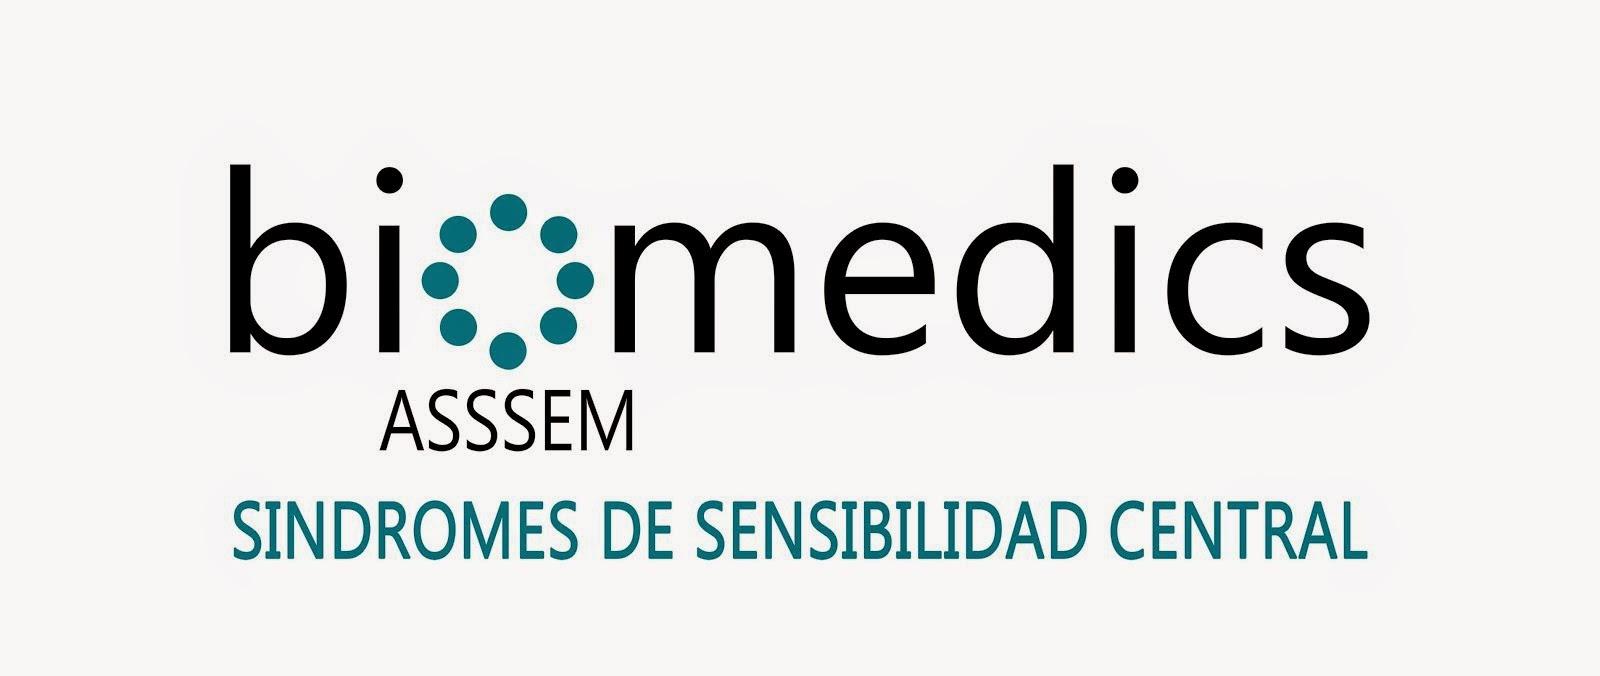 ASSSEMBiomédics, diagnóstico y tratamiento de los Síndromes de Sensibilidad Central.